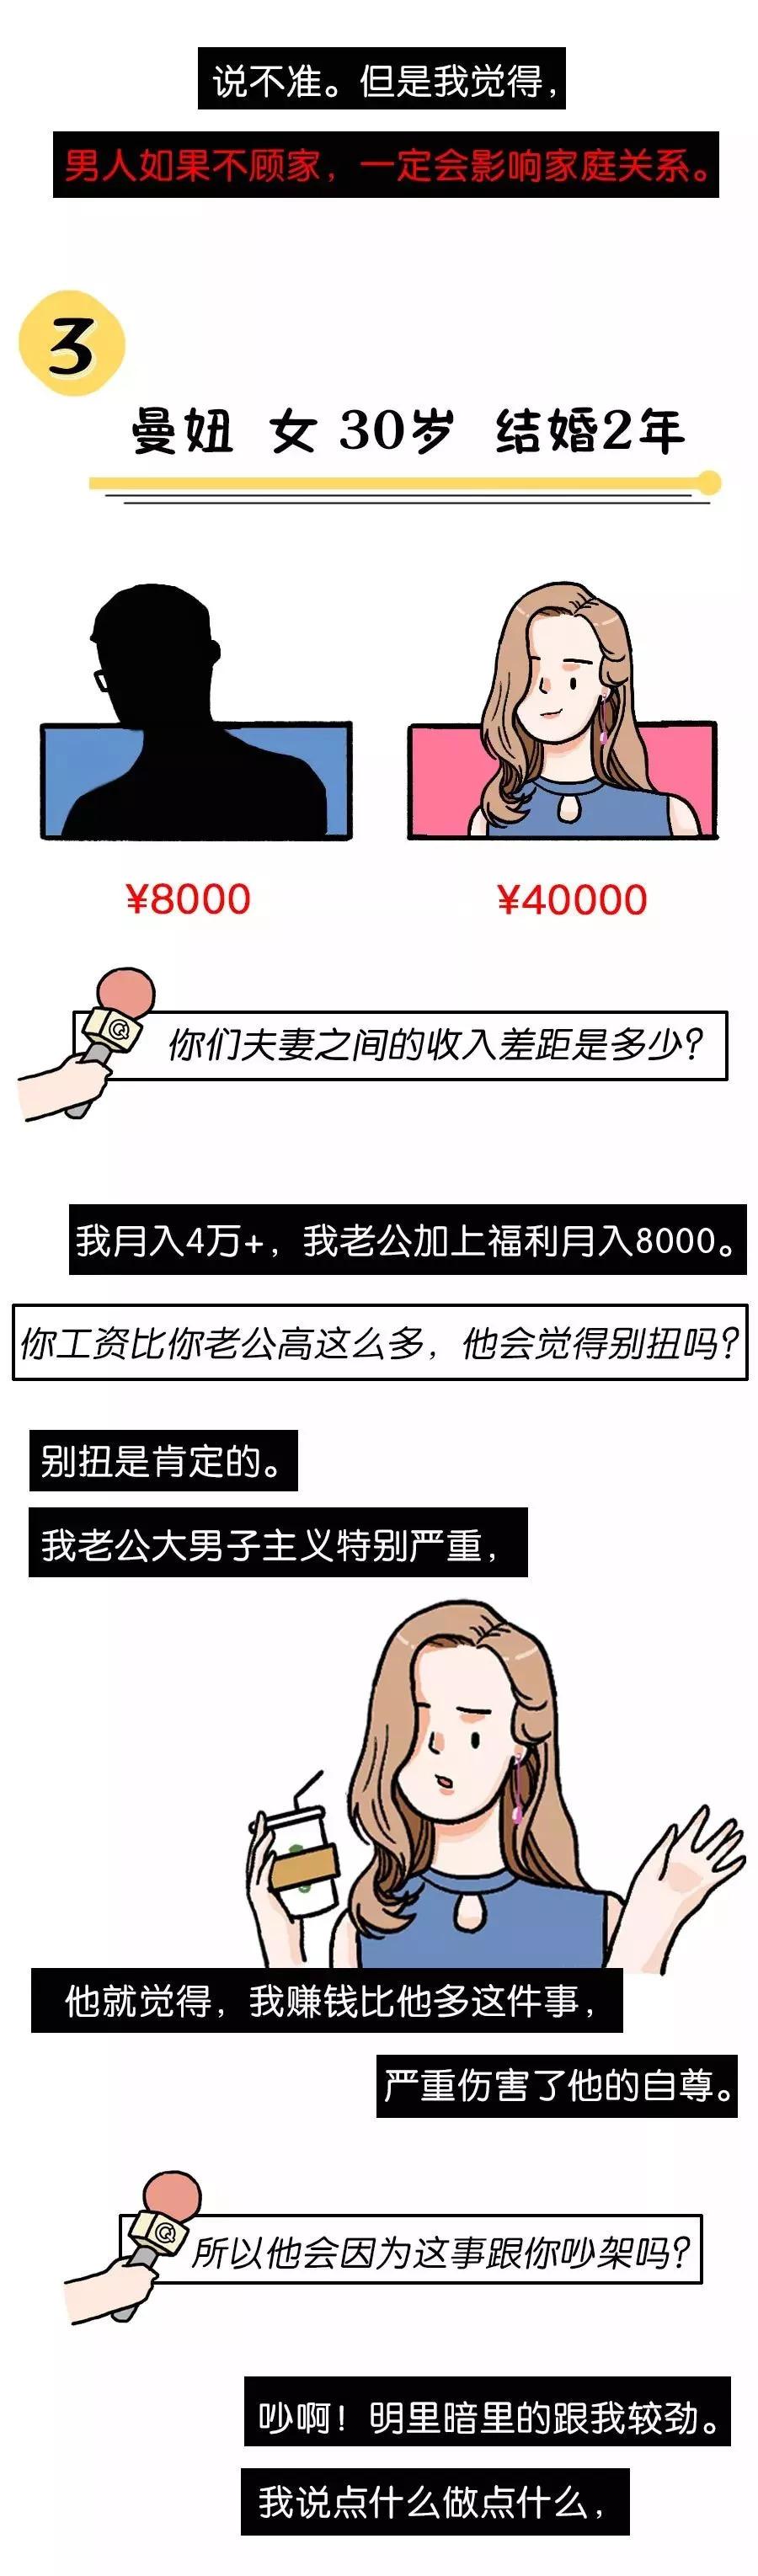 美高梅手机版官方网站 14